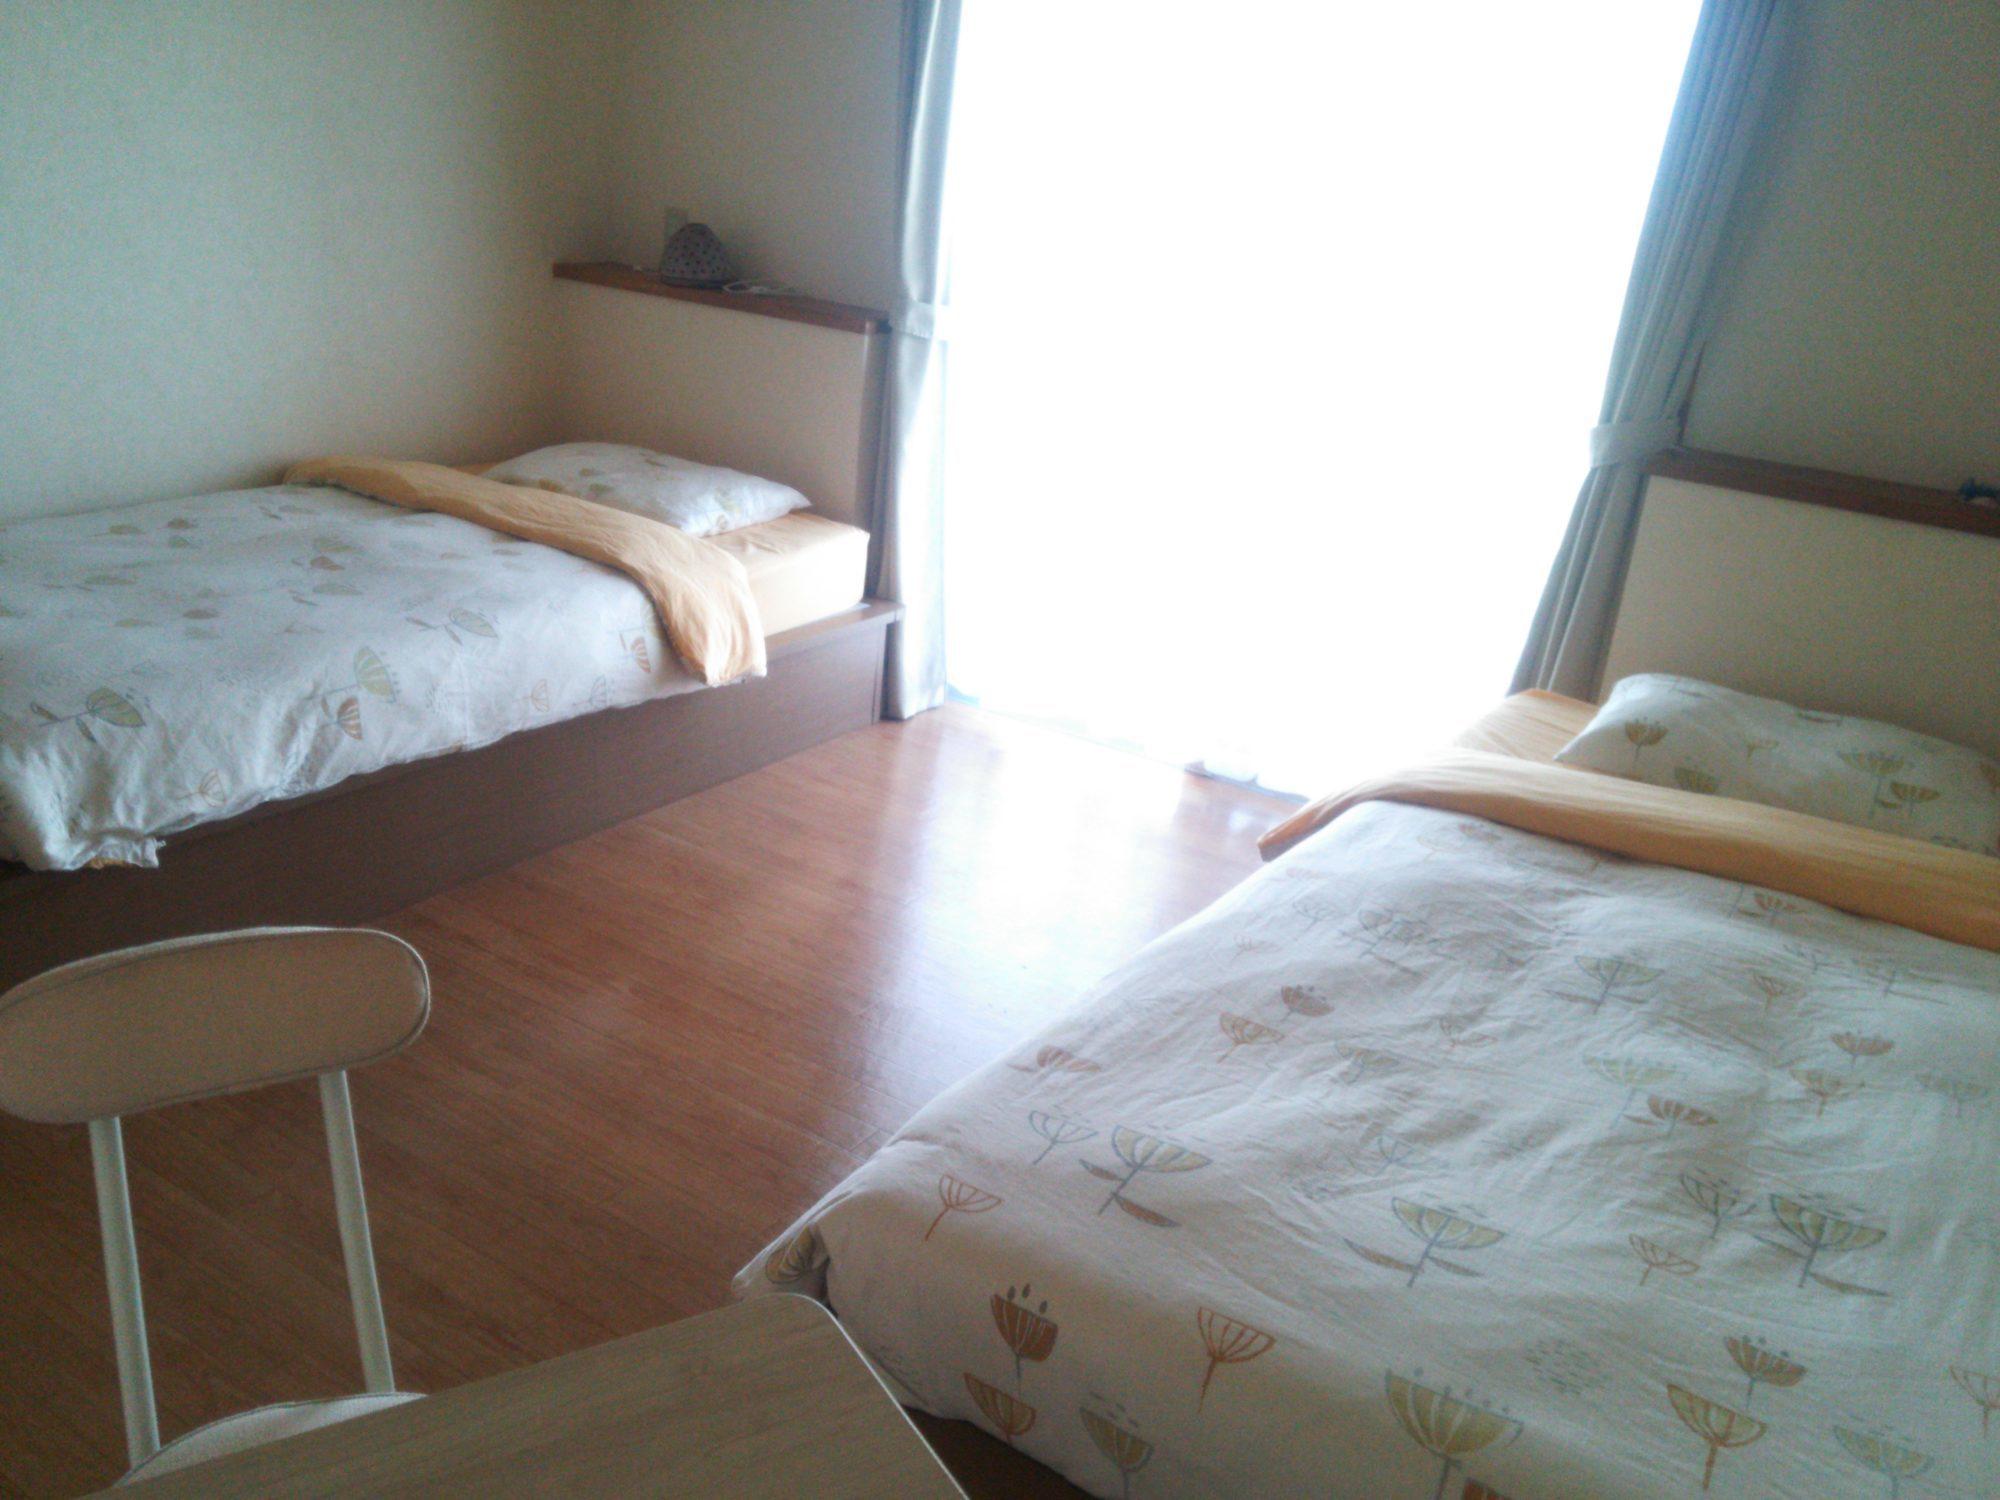 twinbedroom